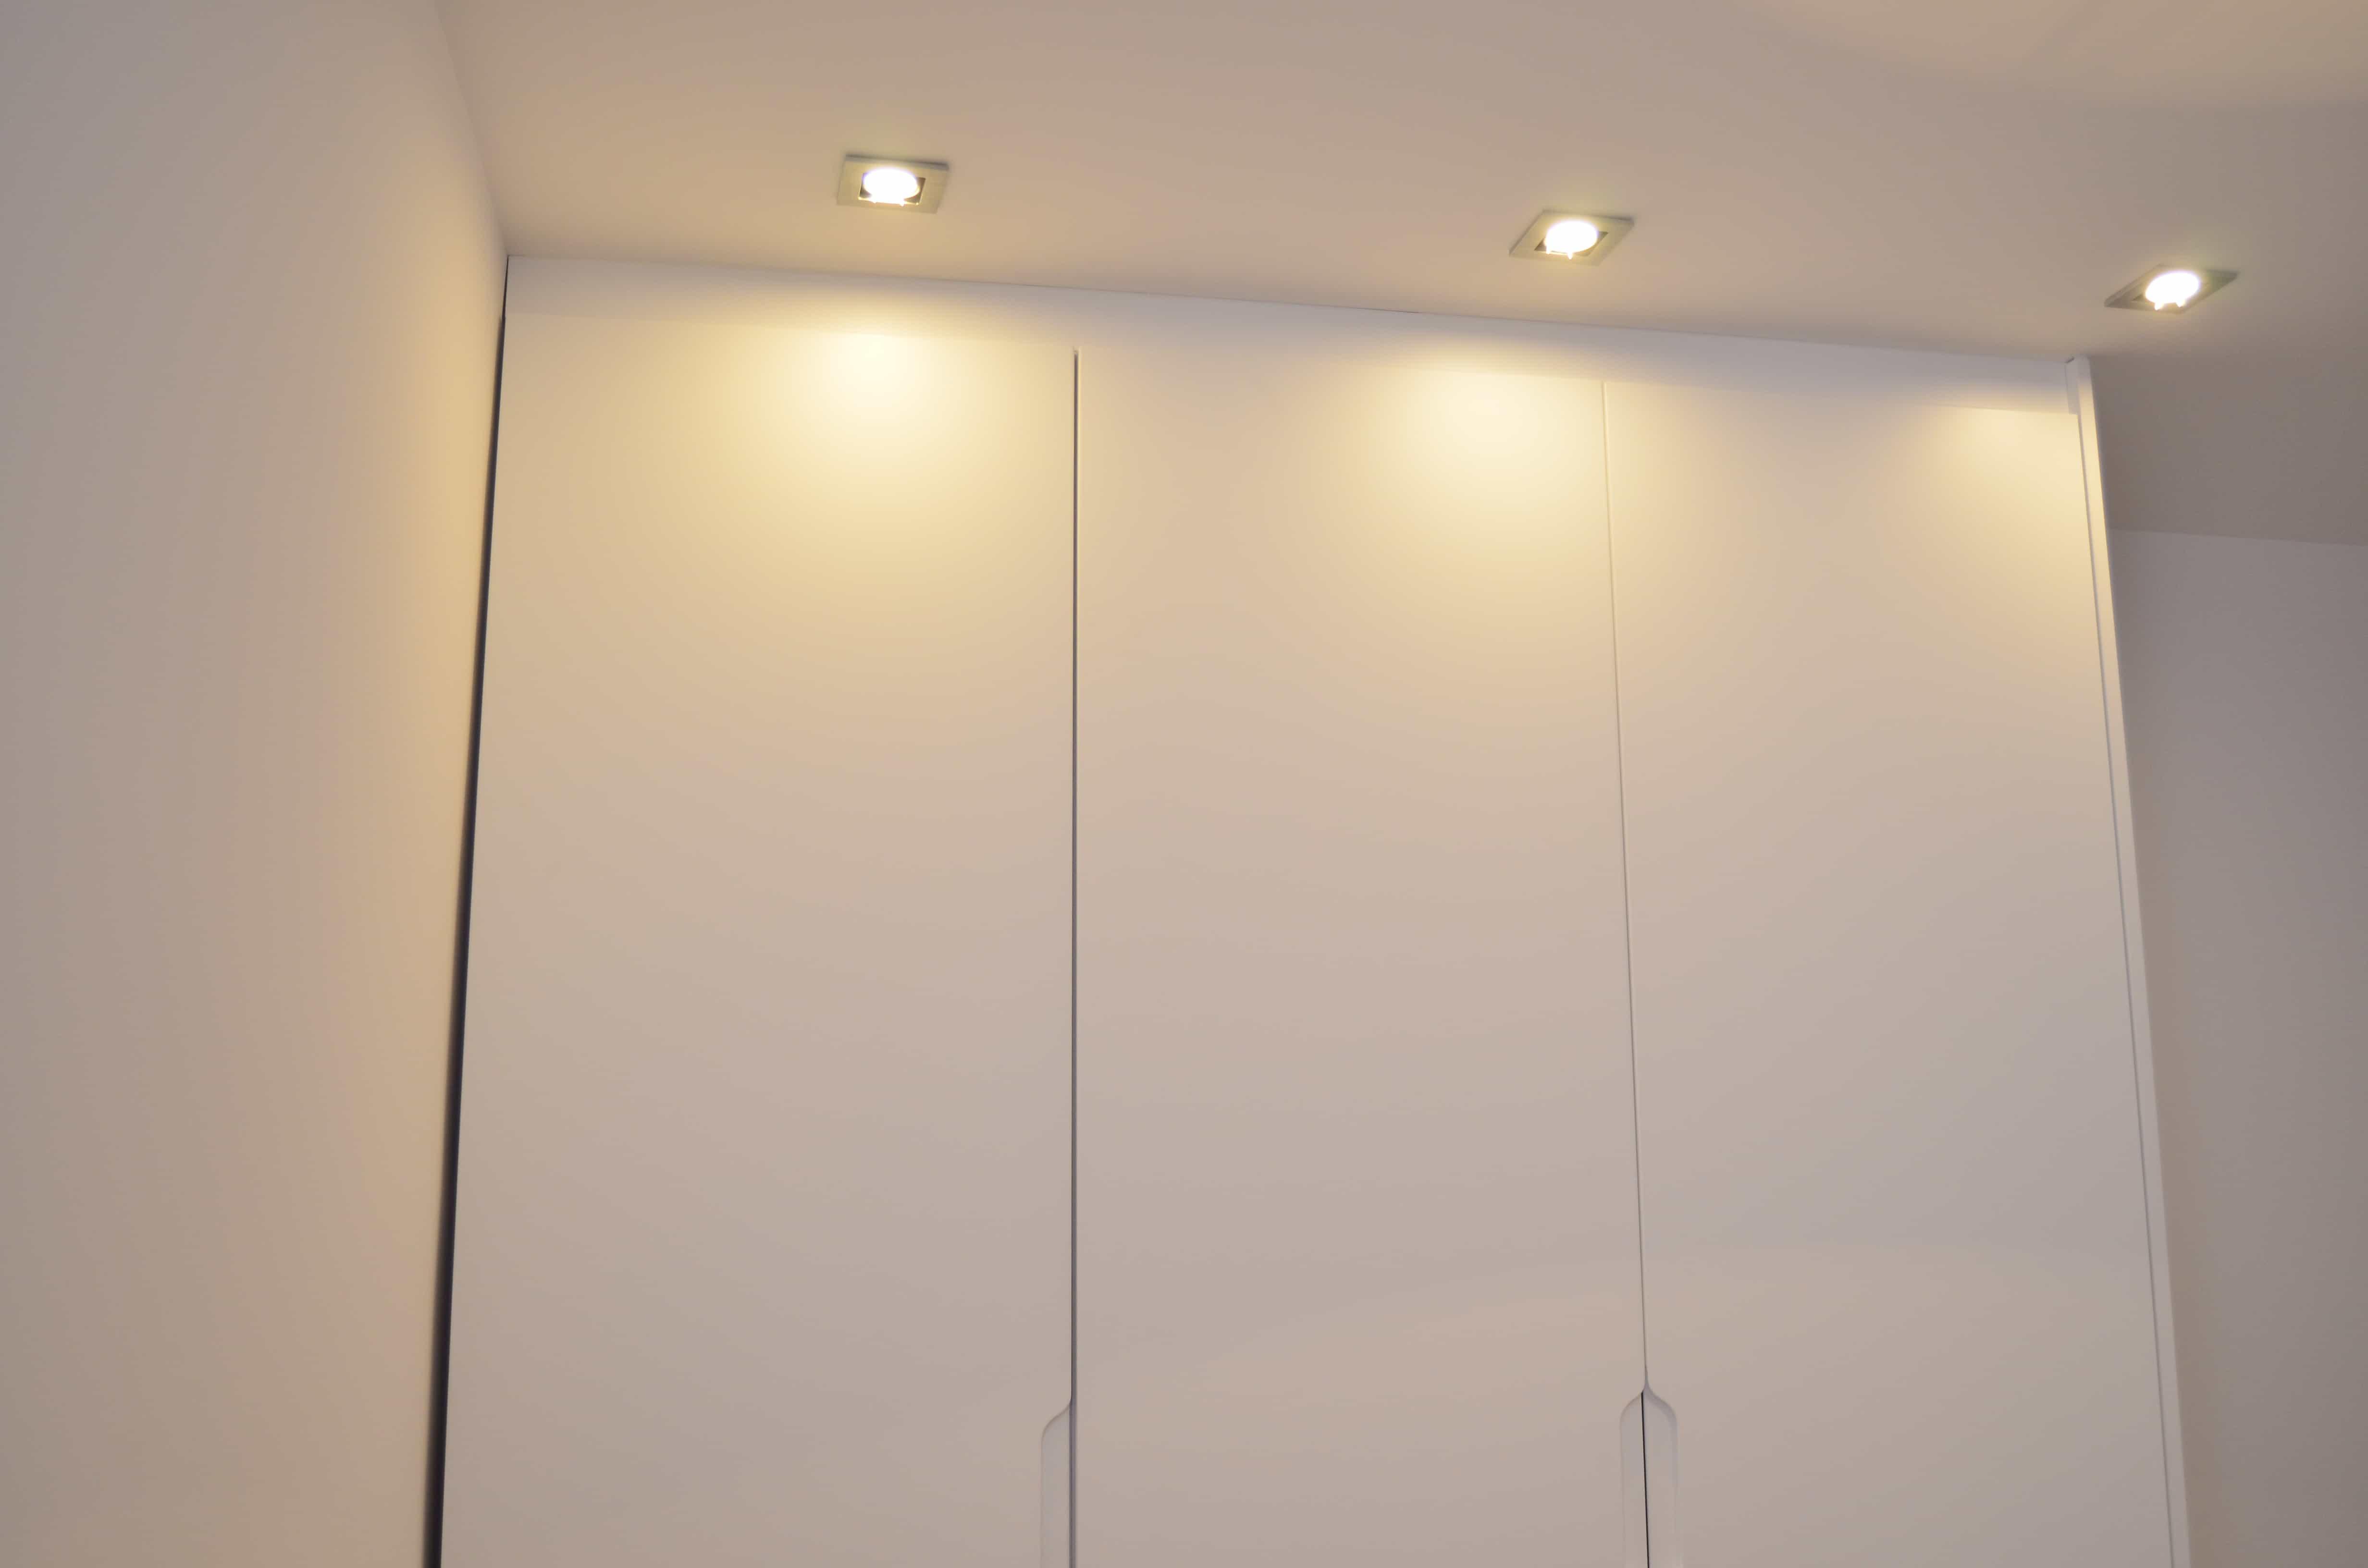 Iluminación techo Josep Tarradellas